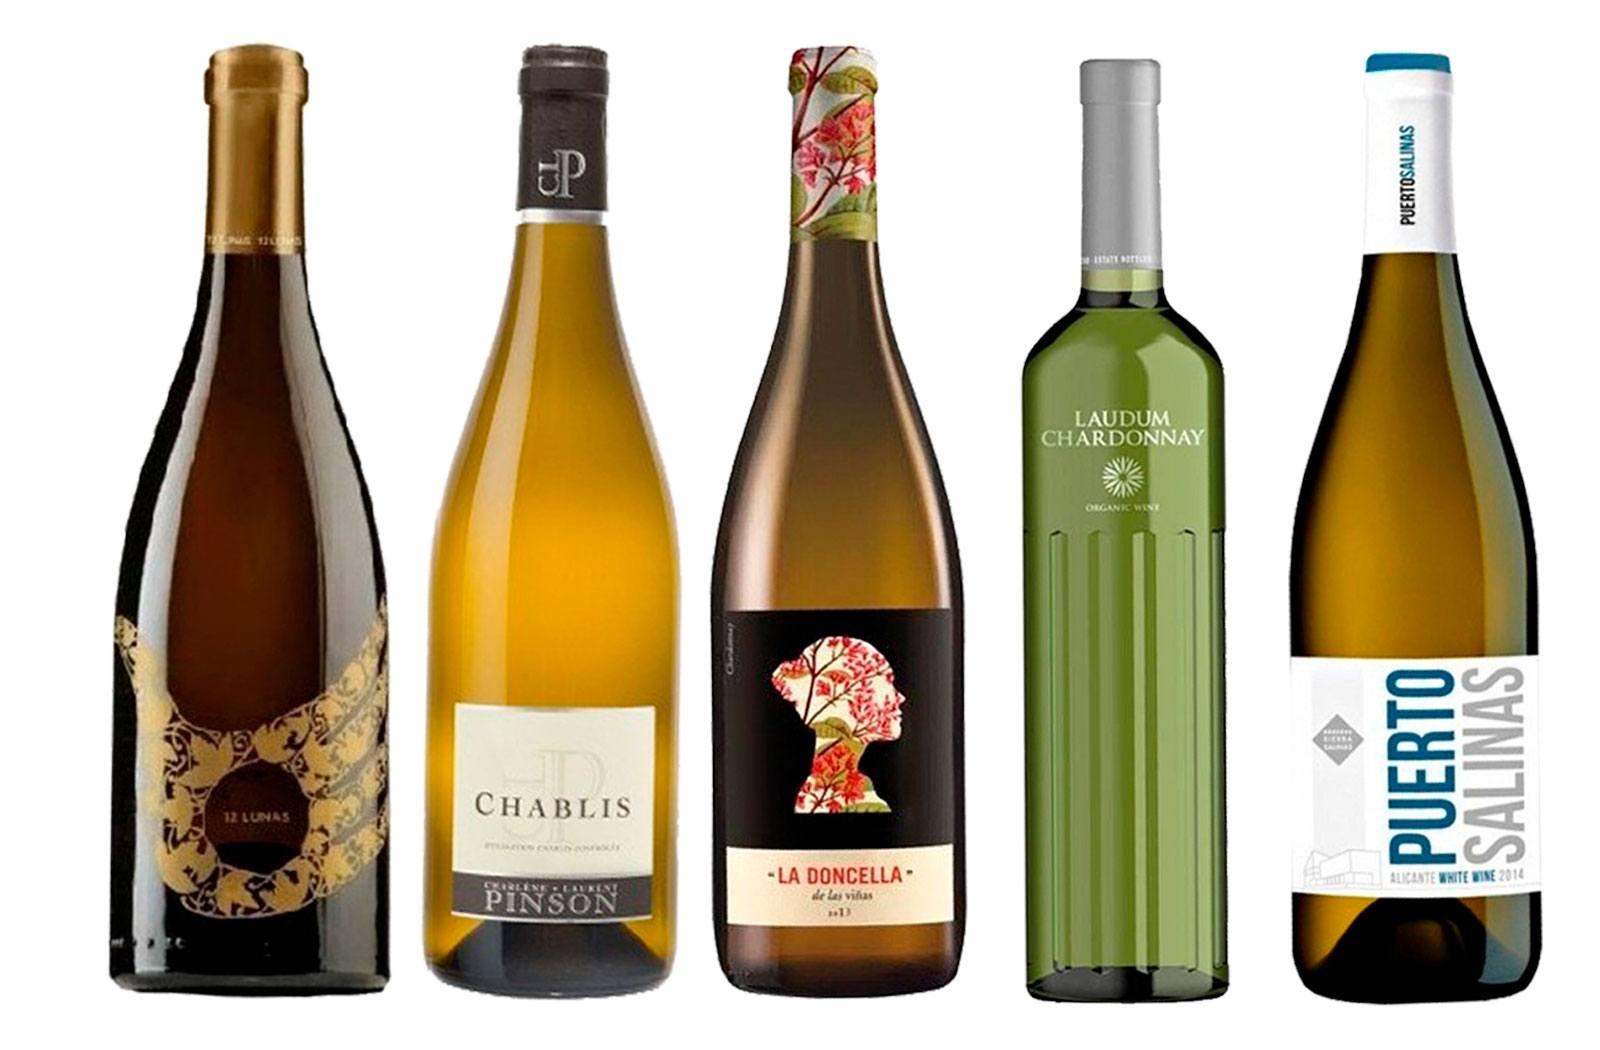 El mejor vino con uva chardonnay